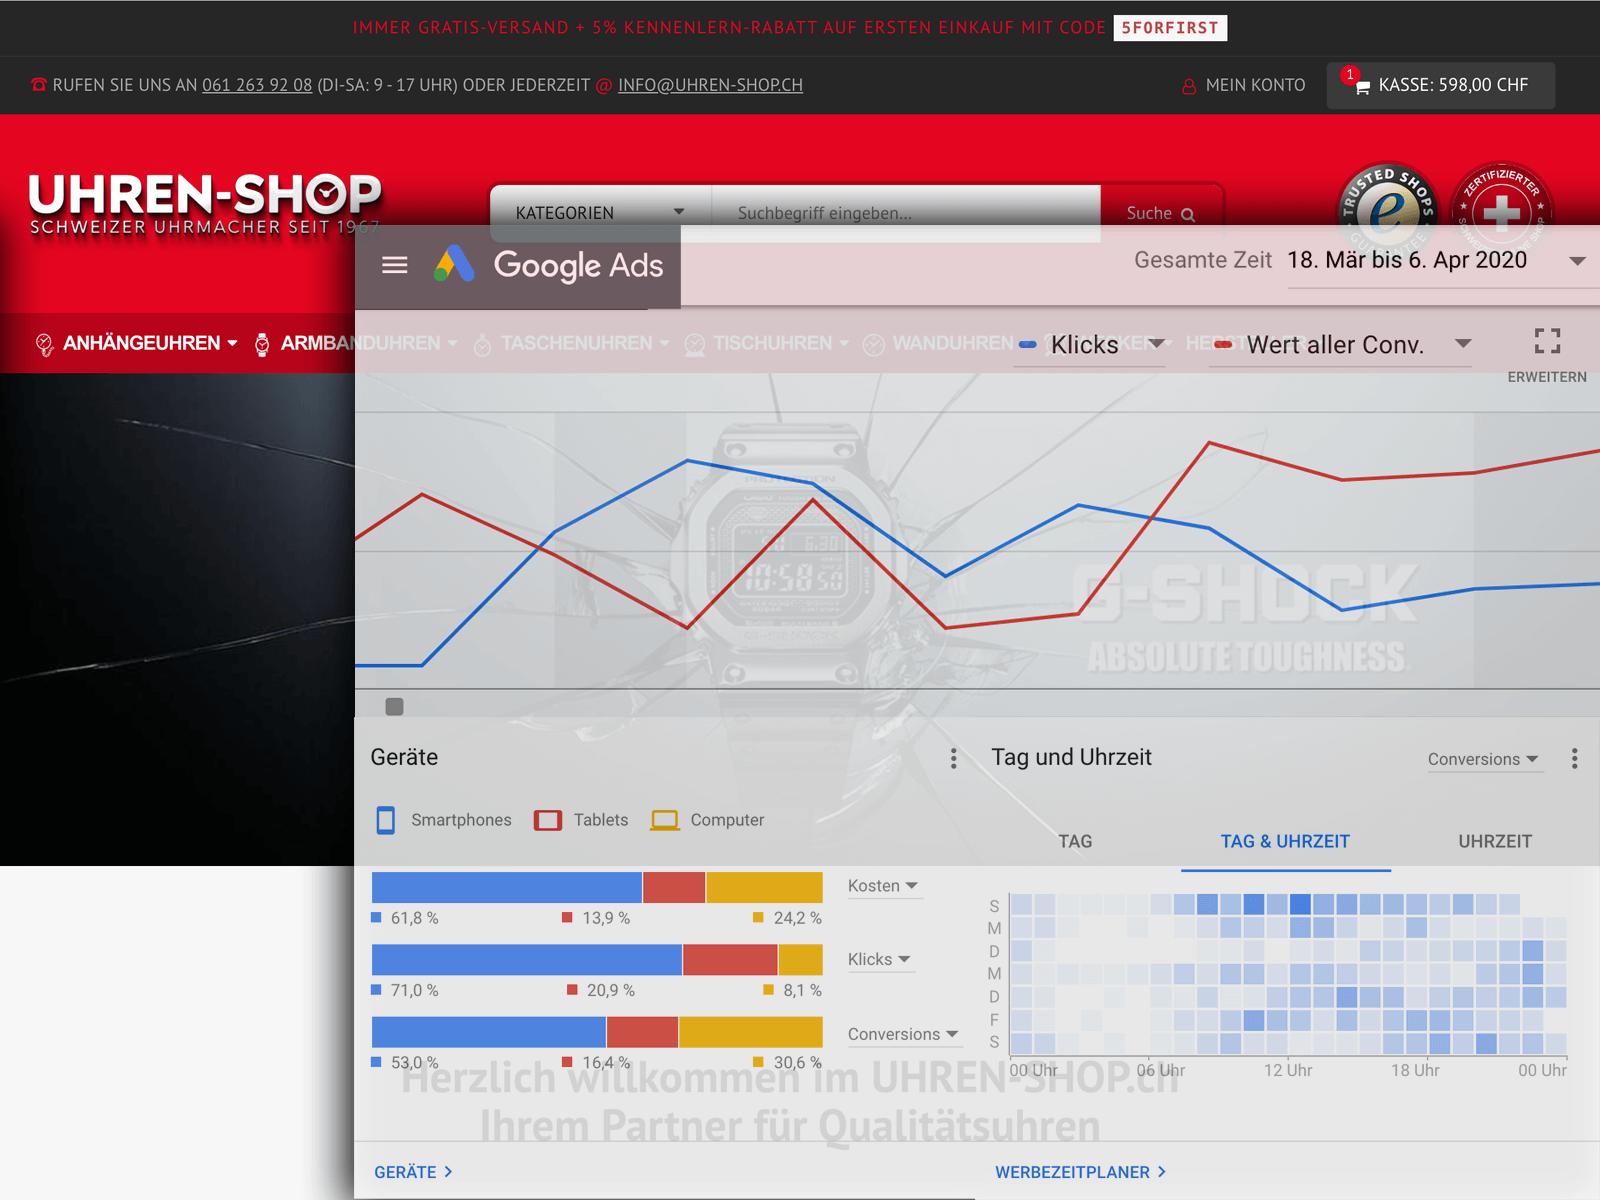 All In: Online. Adwords-Optimierung eines Online-Shops.